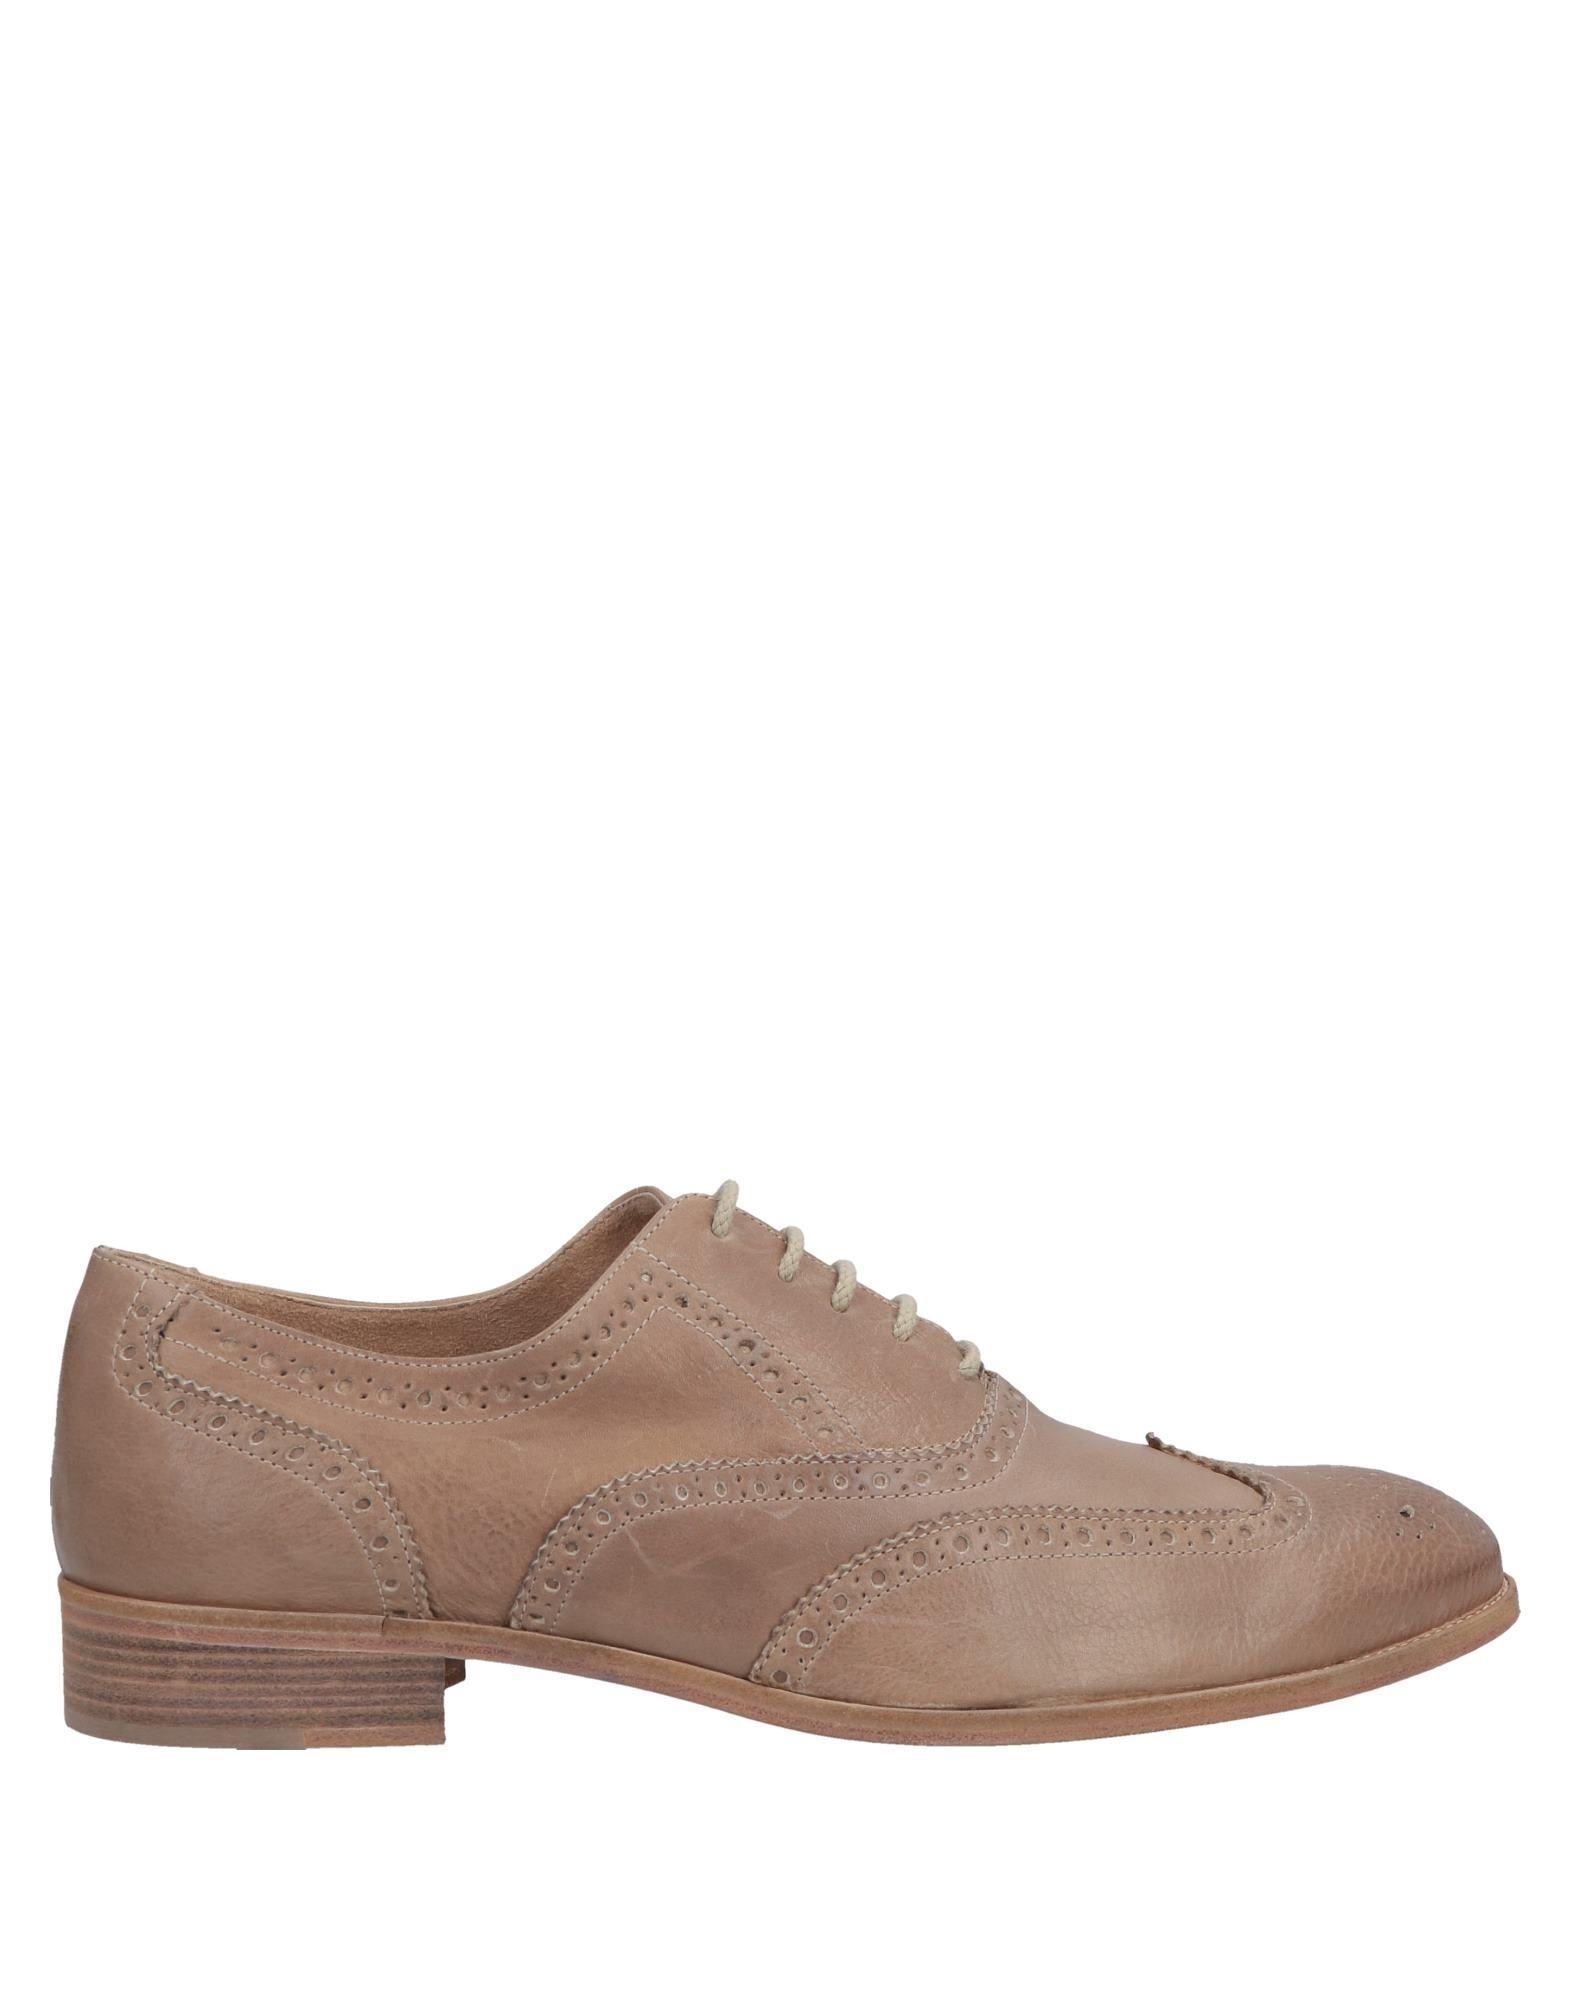 Фото - CALPIERRE Обувь на шнурках обувь на высокой платформе dkny